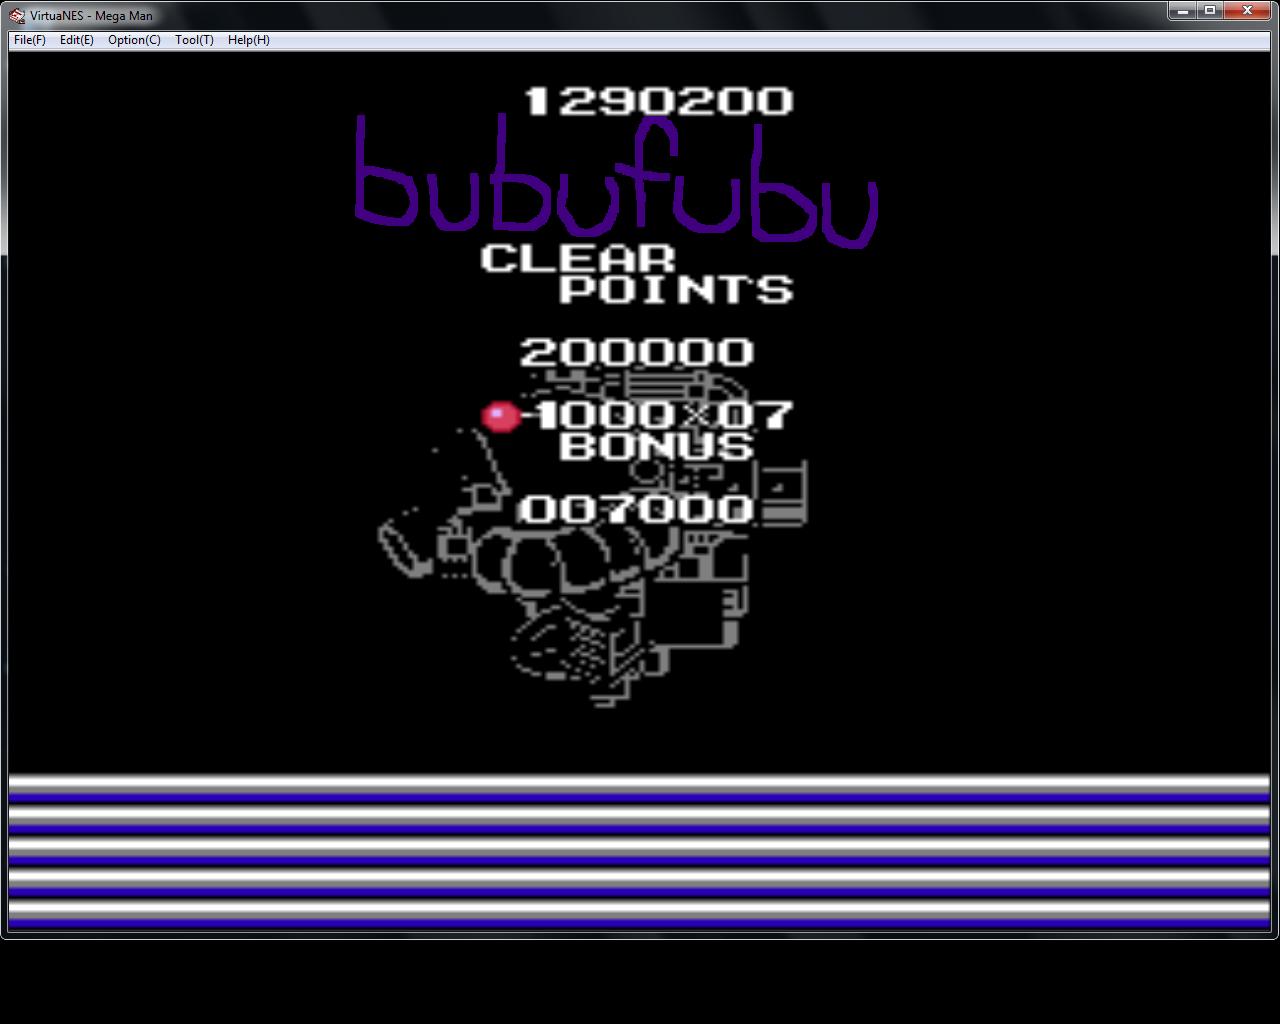 bubufubu: Mega Man (NES/Famicom Emulated) 1,290,200 points on 2015-01-27 17:56:01